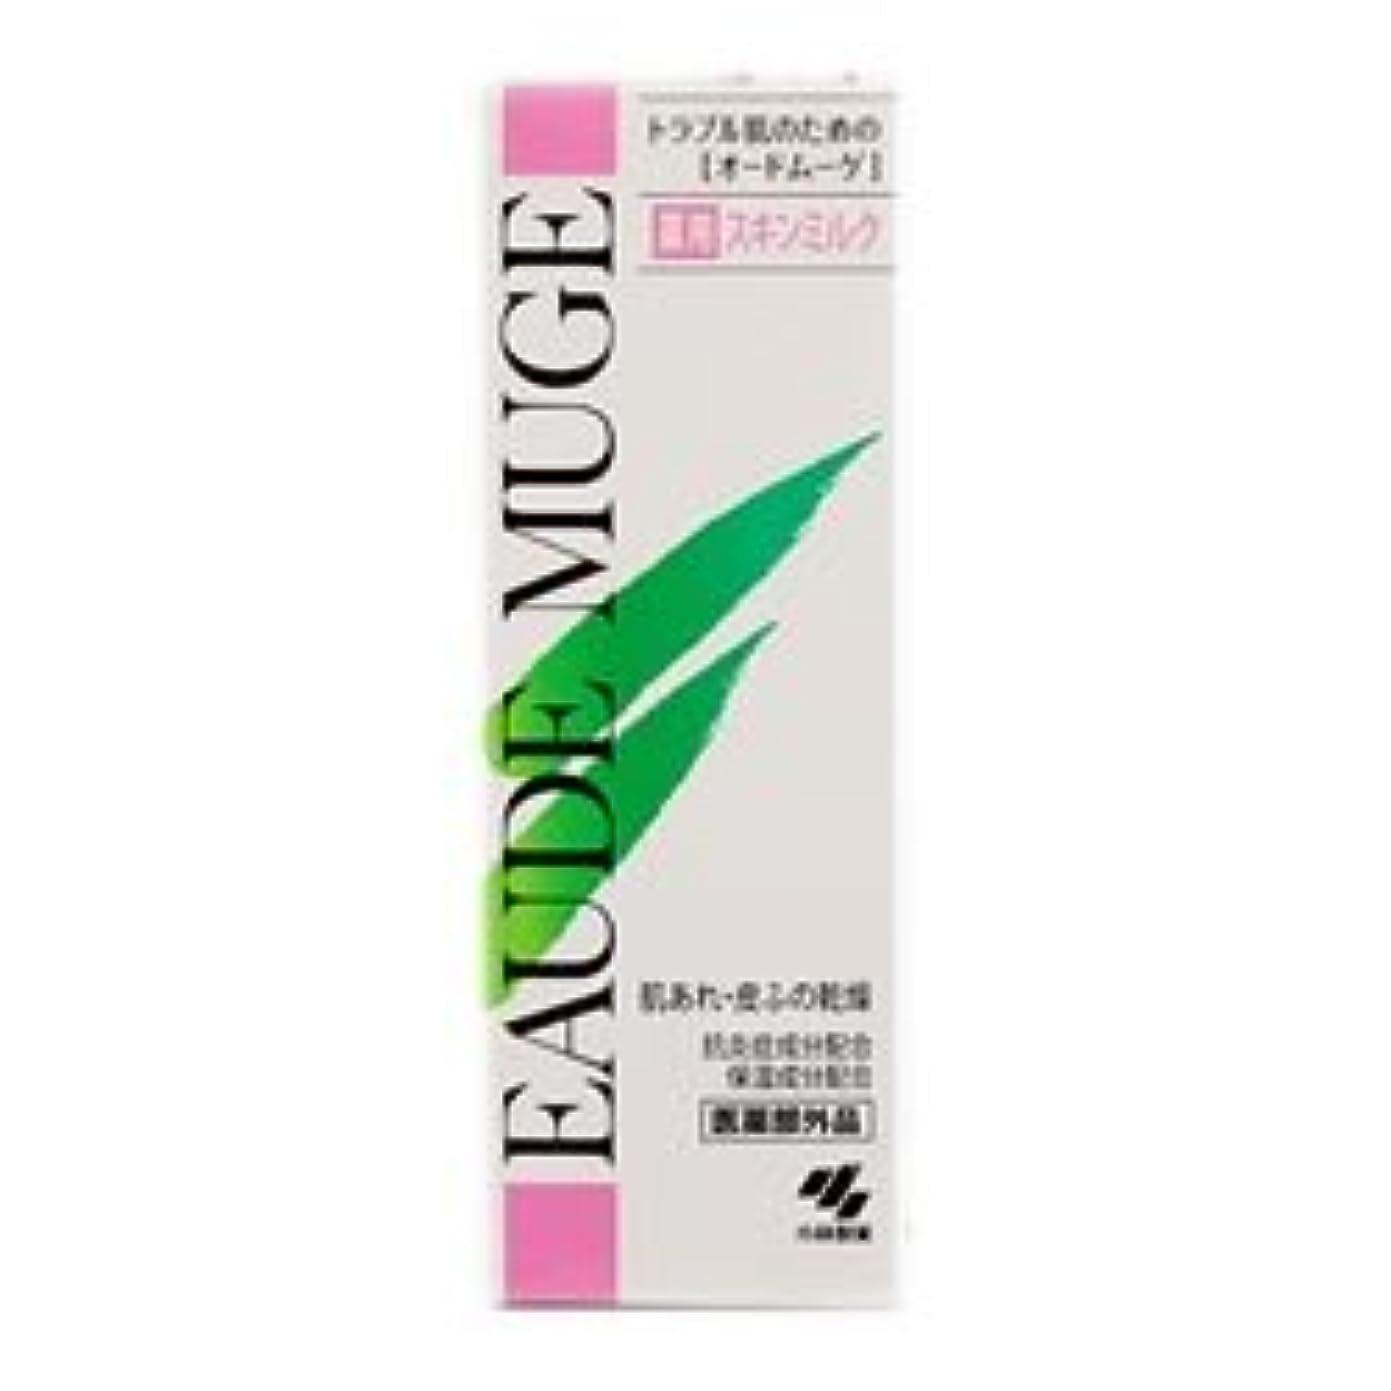 機関ノベルティ学士【小林製薬】オードムーゲ薬用スキンミルク 100g ×3個セット